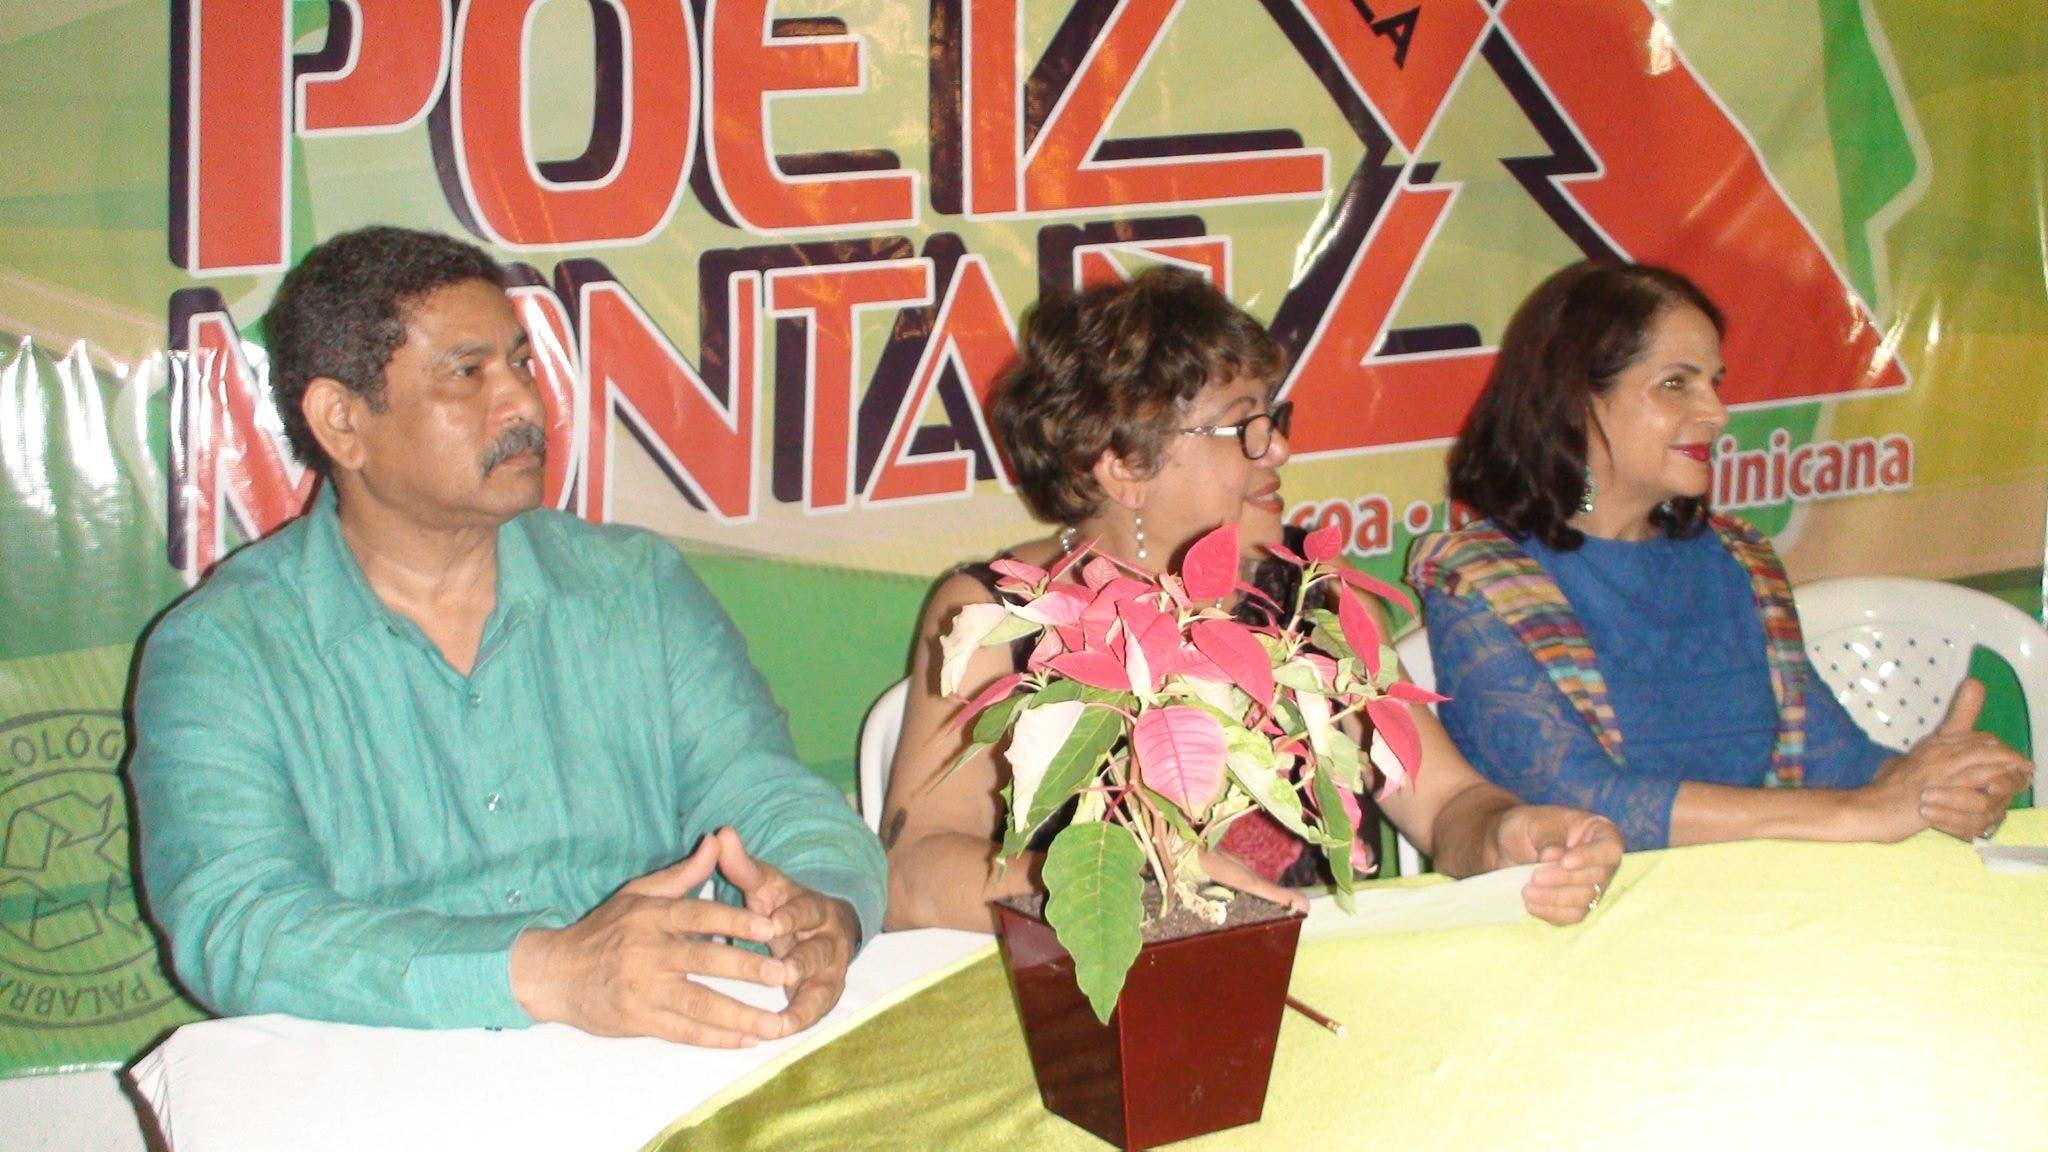 Poetas nacionales e internacionales participarán en Festival de Poesía en la Montaña